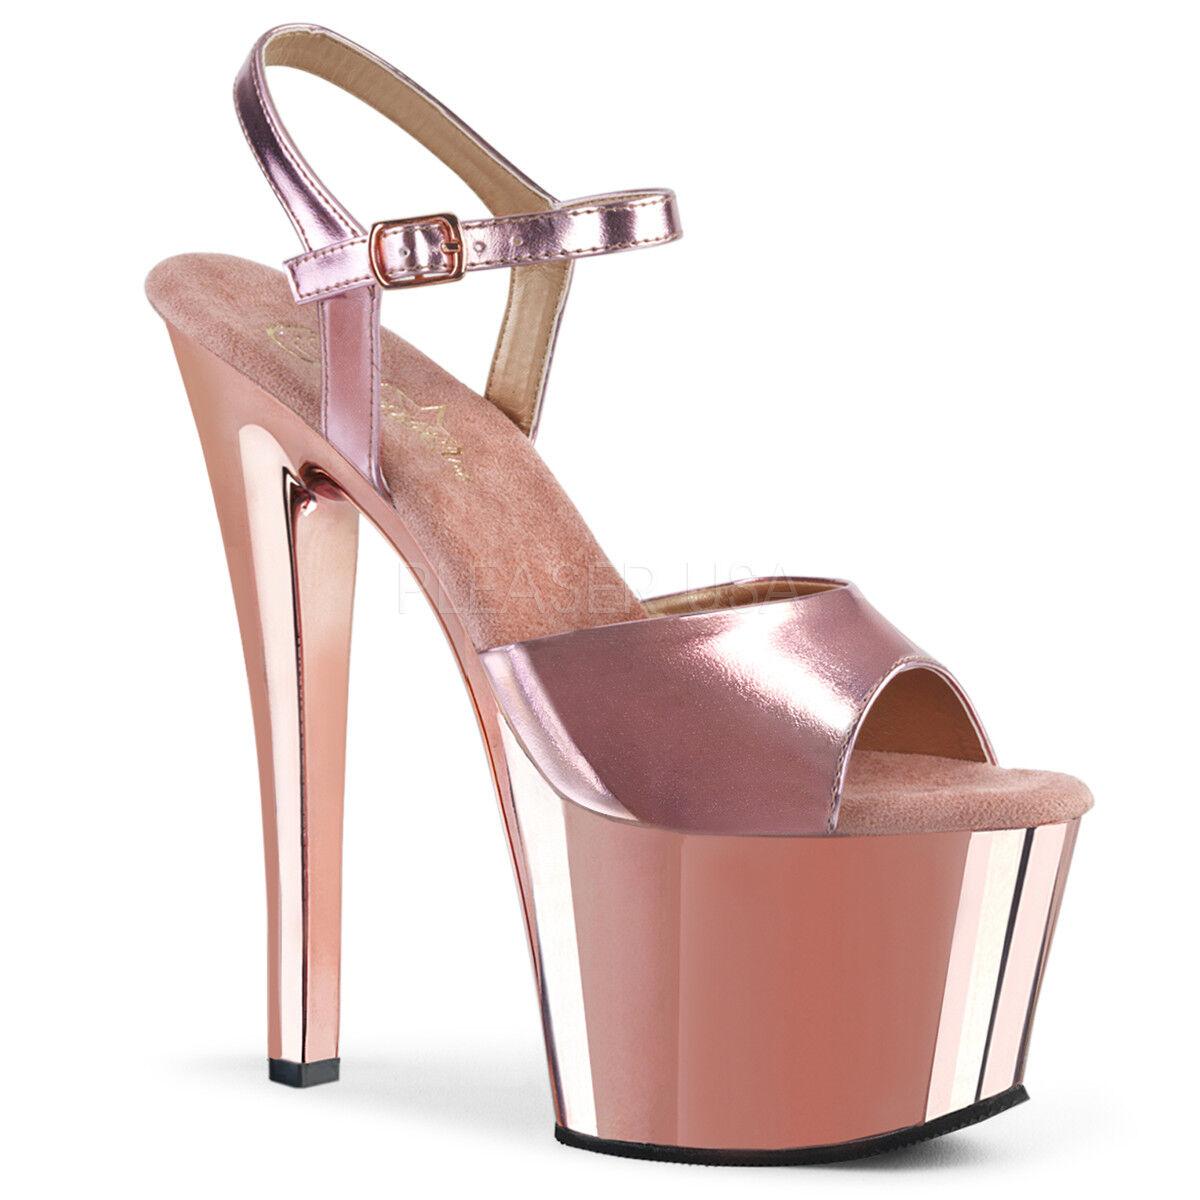 ordina adesso Pleaser SKY-309 Donna    rosa oro Metallic Pu Chrome Platform Ankle Strap Sandal  il prezzo più basso